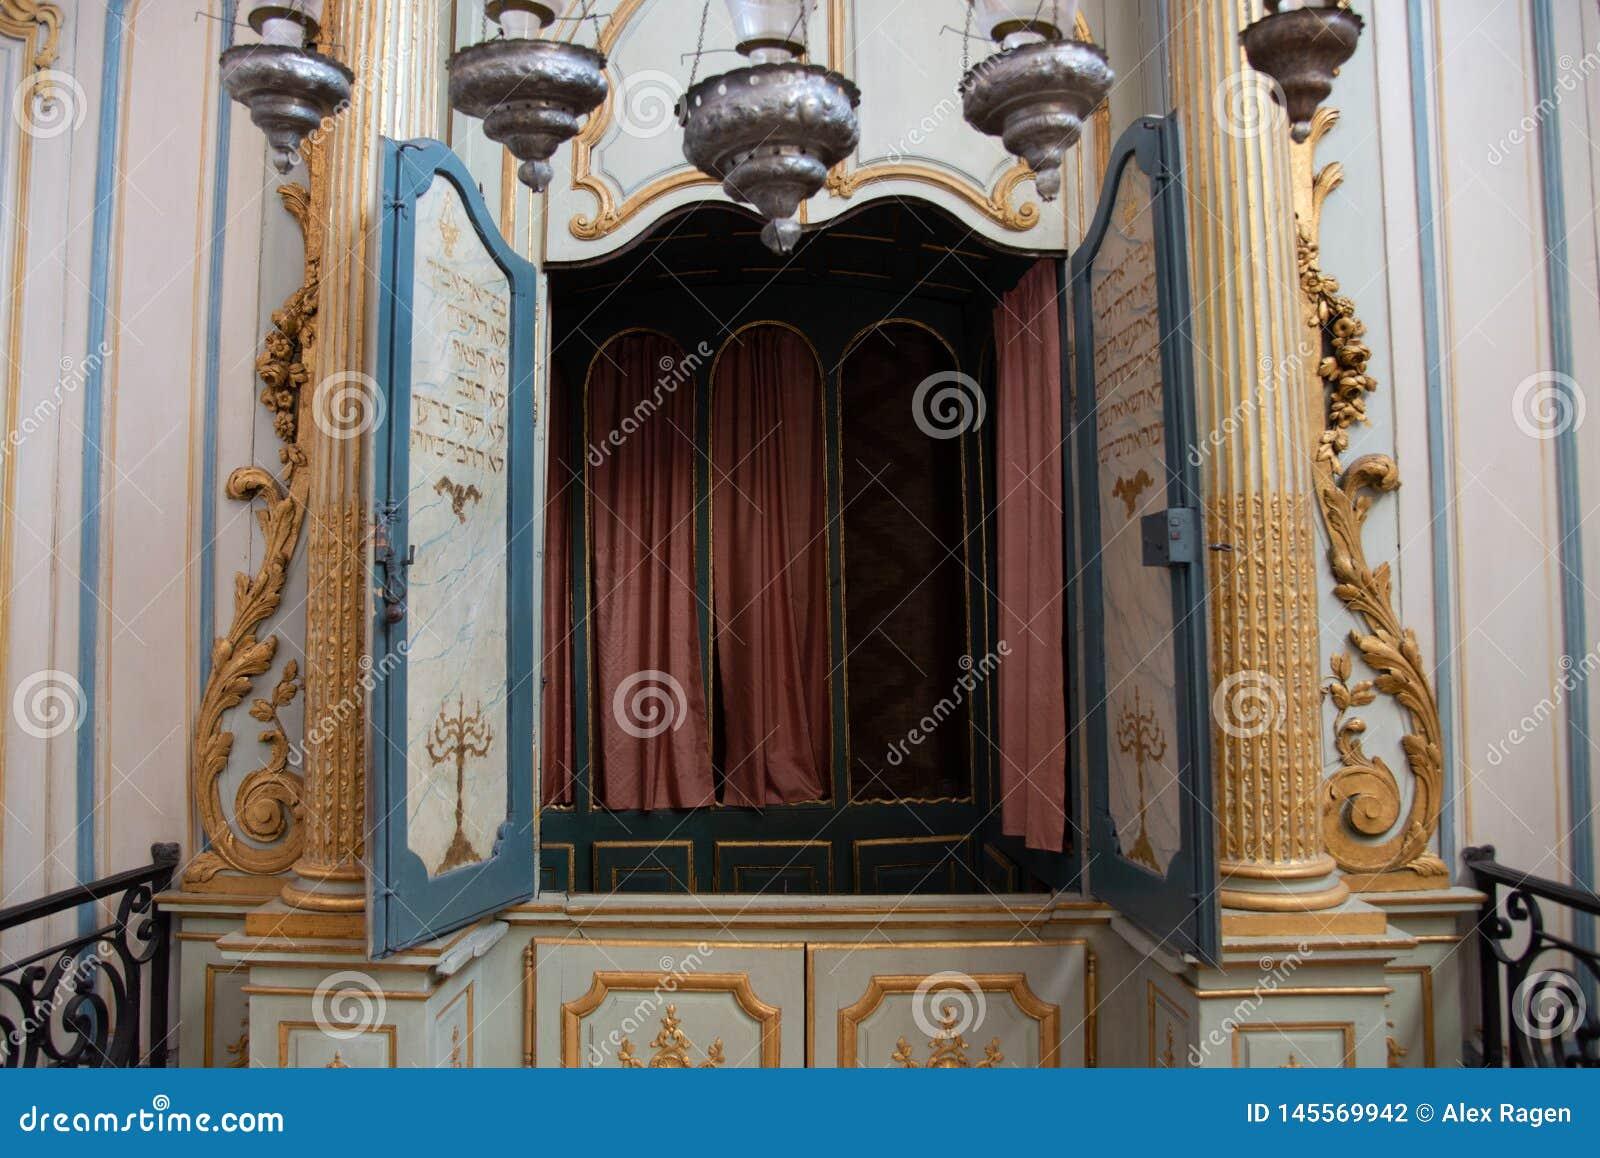 El interior de la sinagoga m?s vieja de Francia, en Cavaillon, ahora un museo